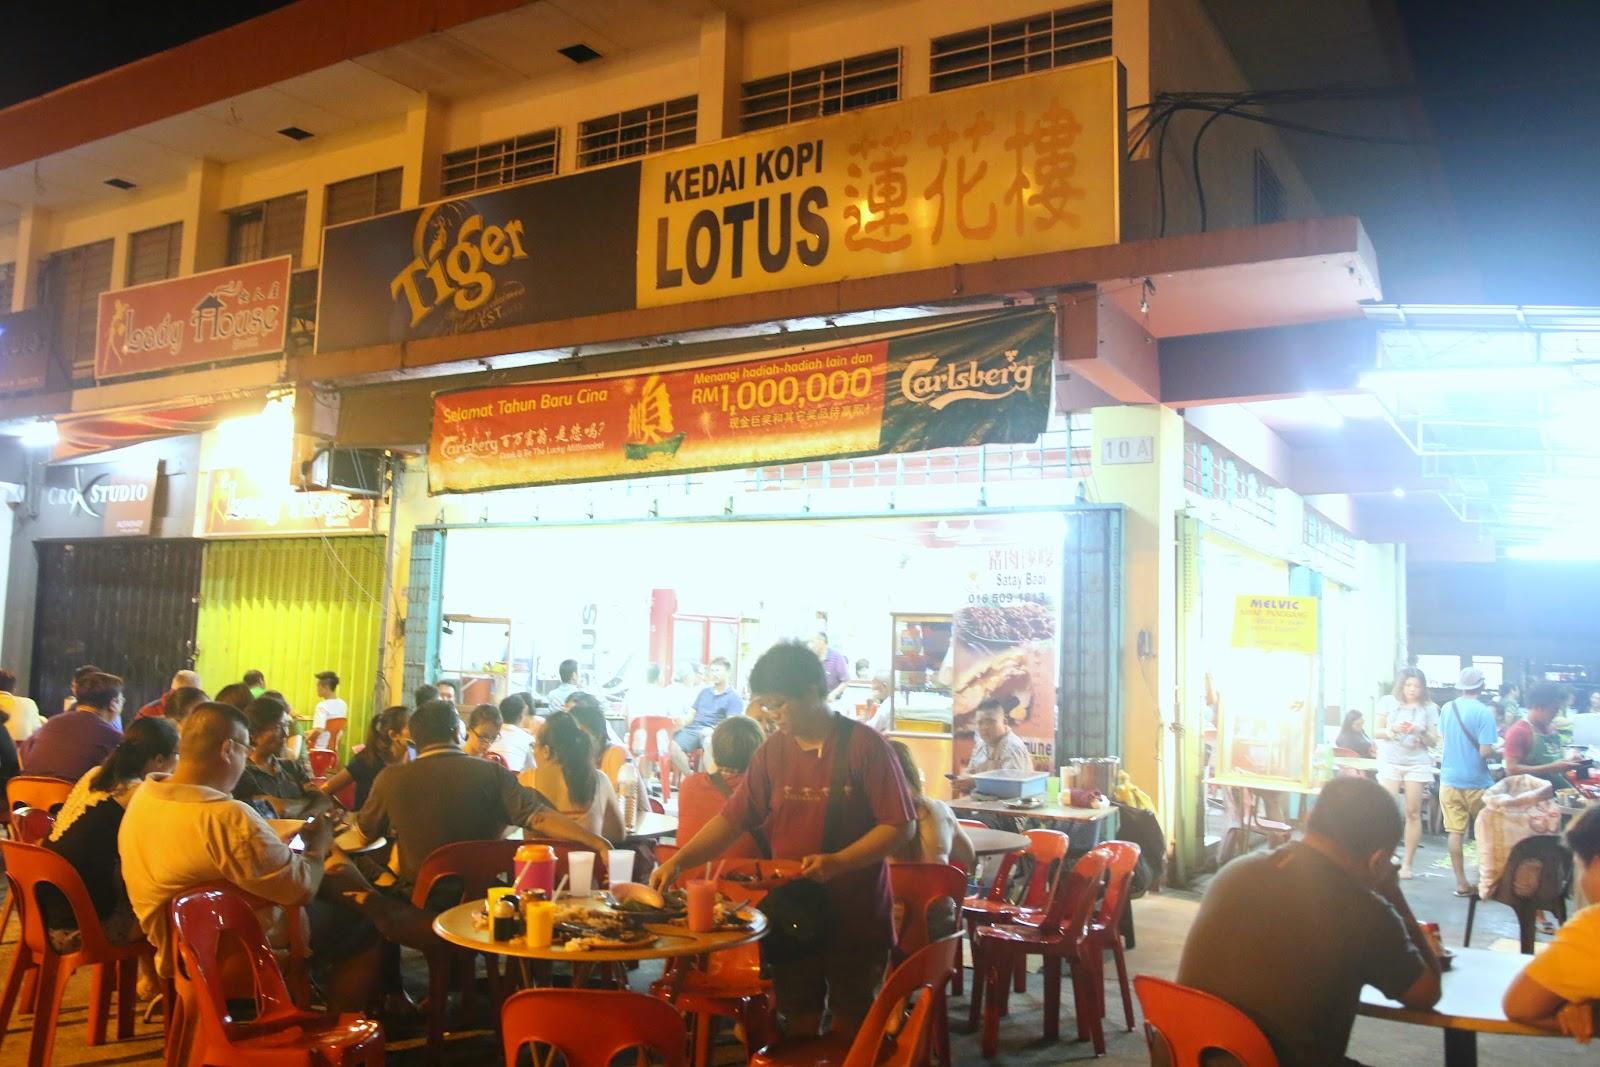 Lotus Lain Nude Photos 14